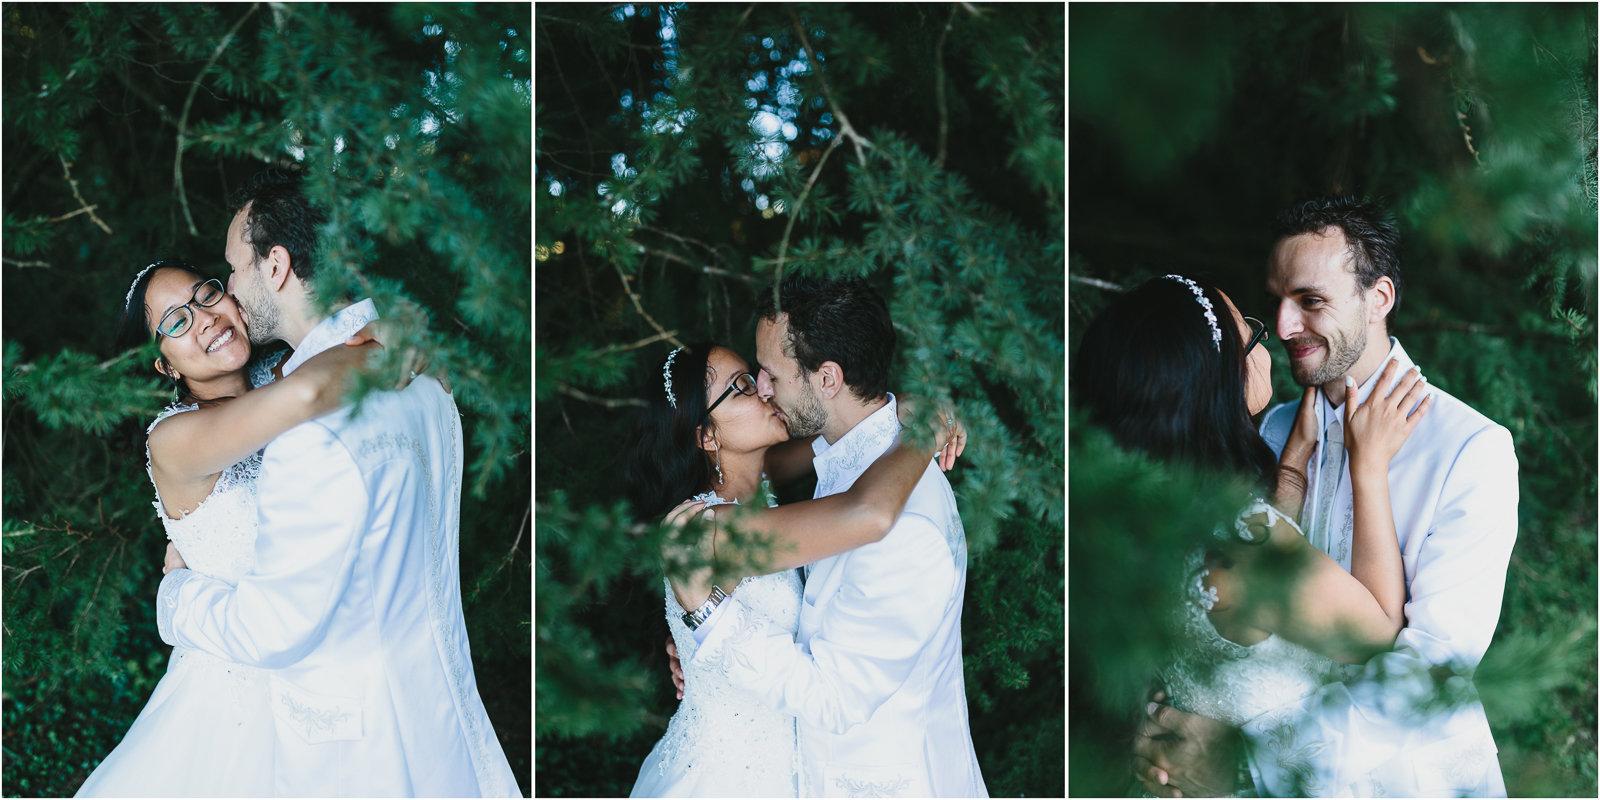 Photographe mariage la baule (11 of 12).jpg